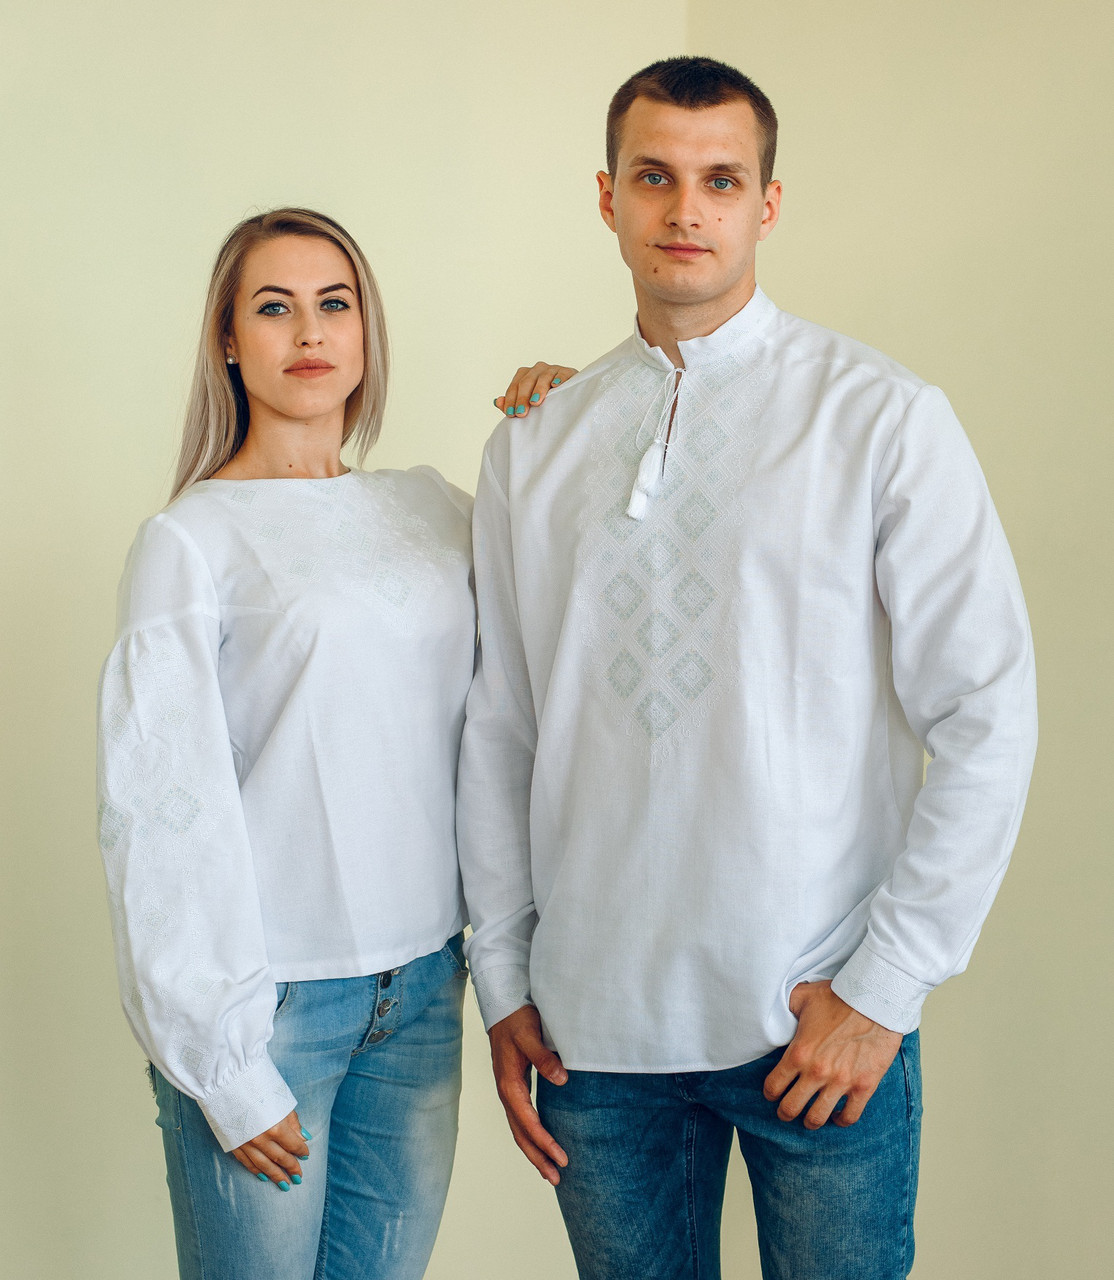 Комплект вишиванок для пари (біла вишивка)  продажа f3c698cb82b65